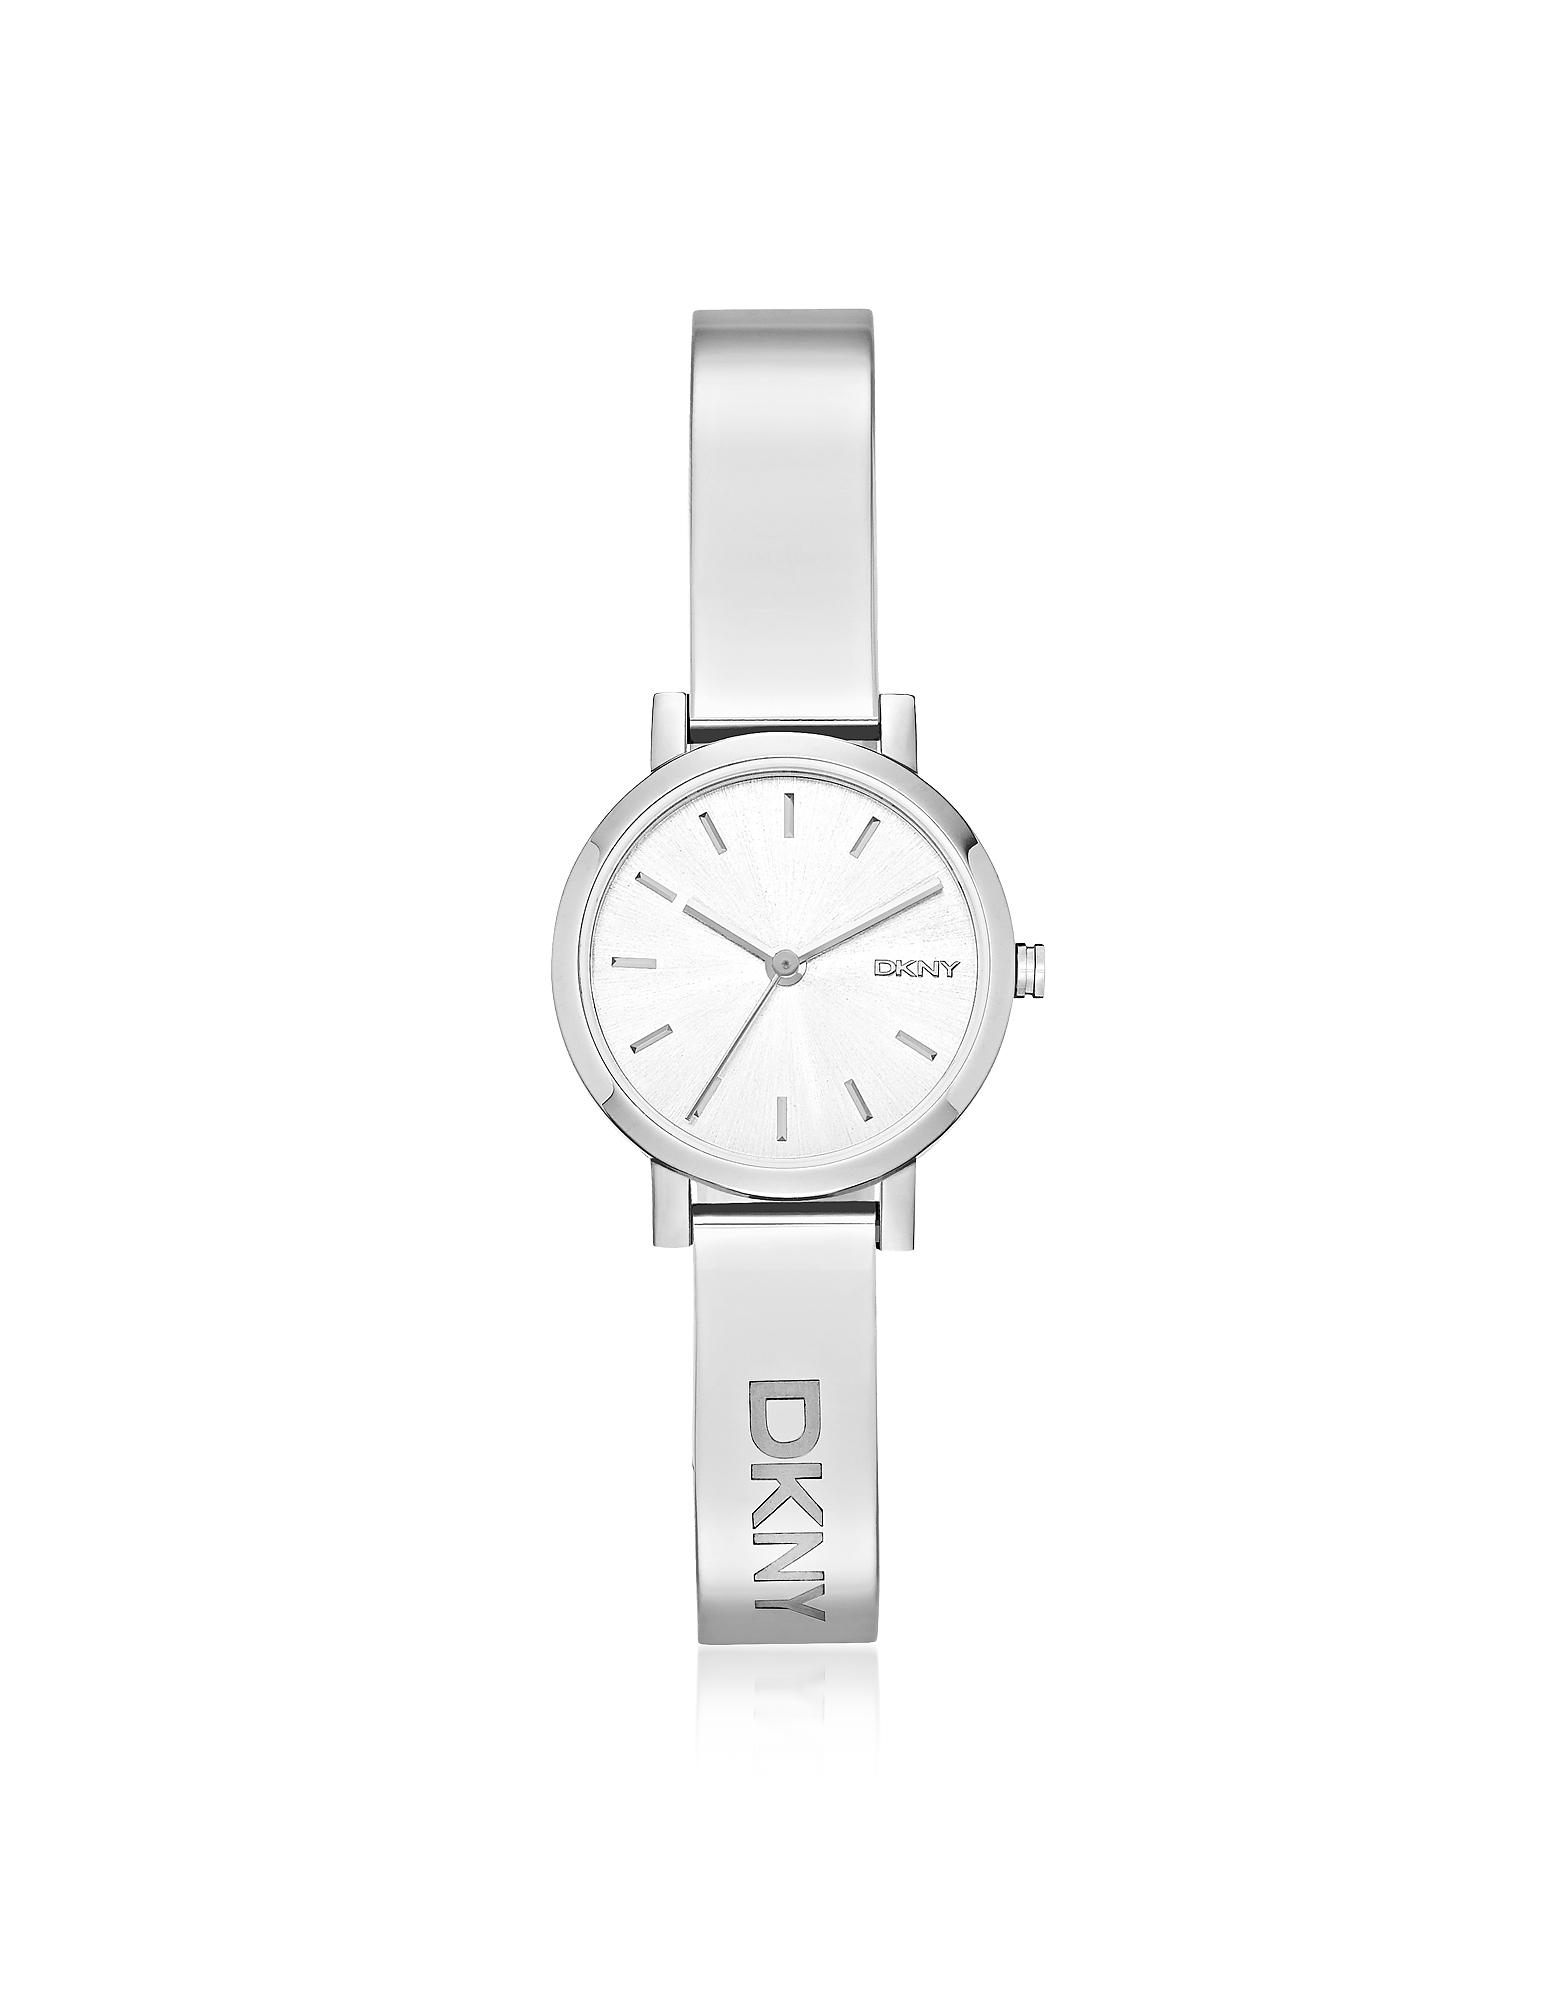 DKNY Women's Watches, NY2306 Soho Women's Watch